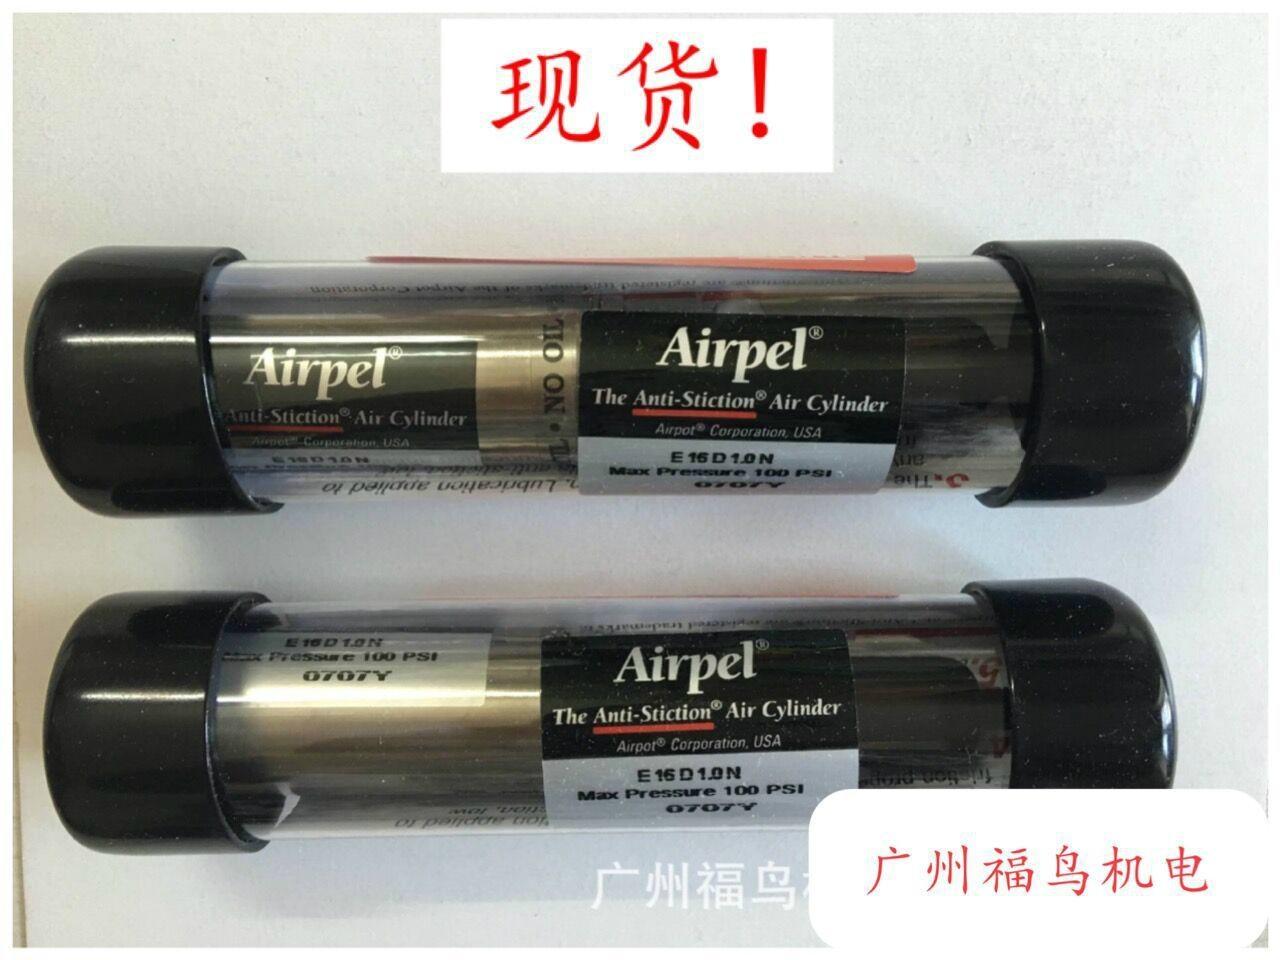 ?AIRPEL/AIRPOT玻璃气缸, 型号: E16D1.0N